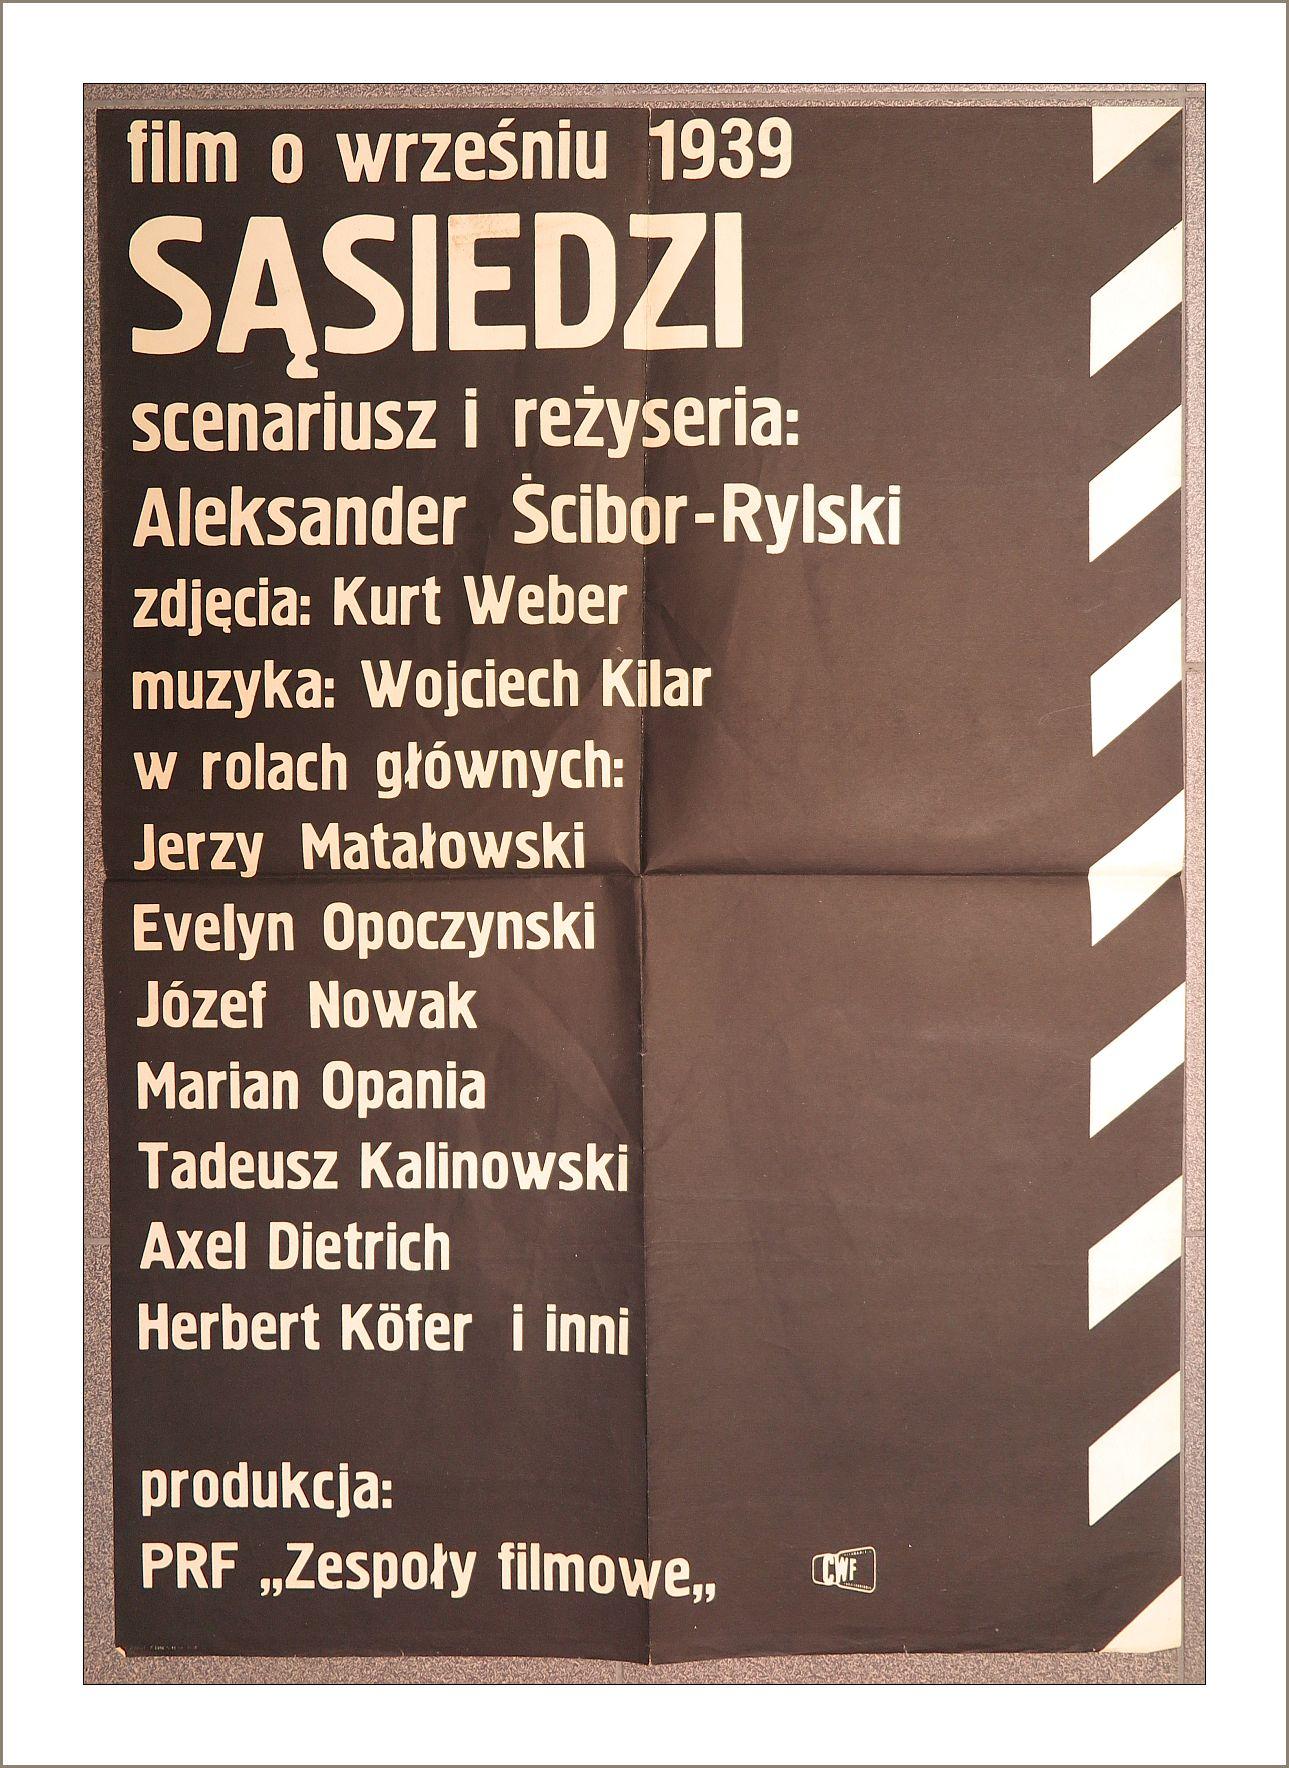 Stary Plakat Filmowy Sąsiedzi